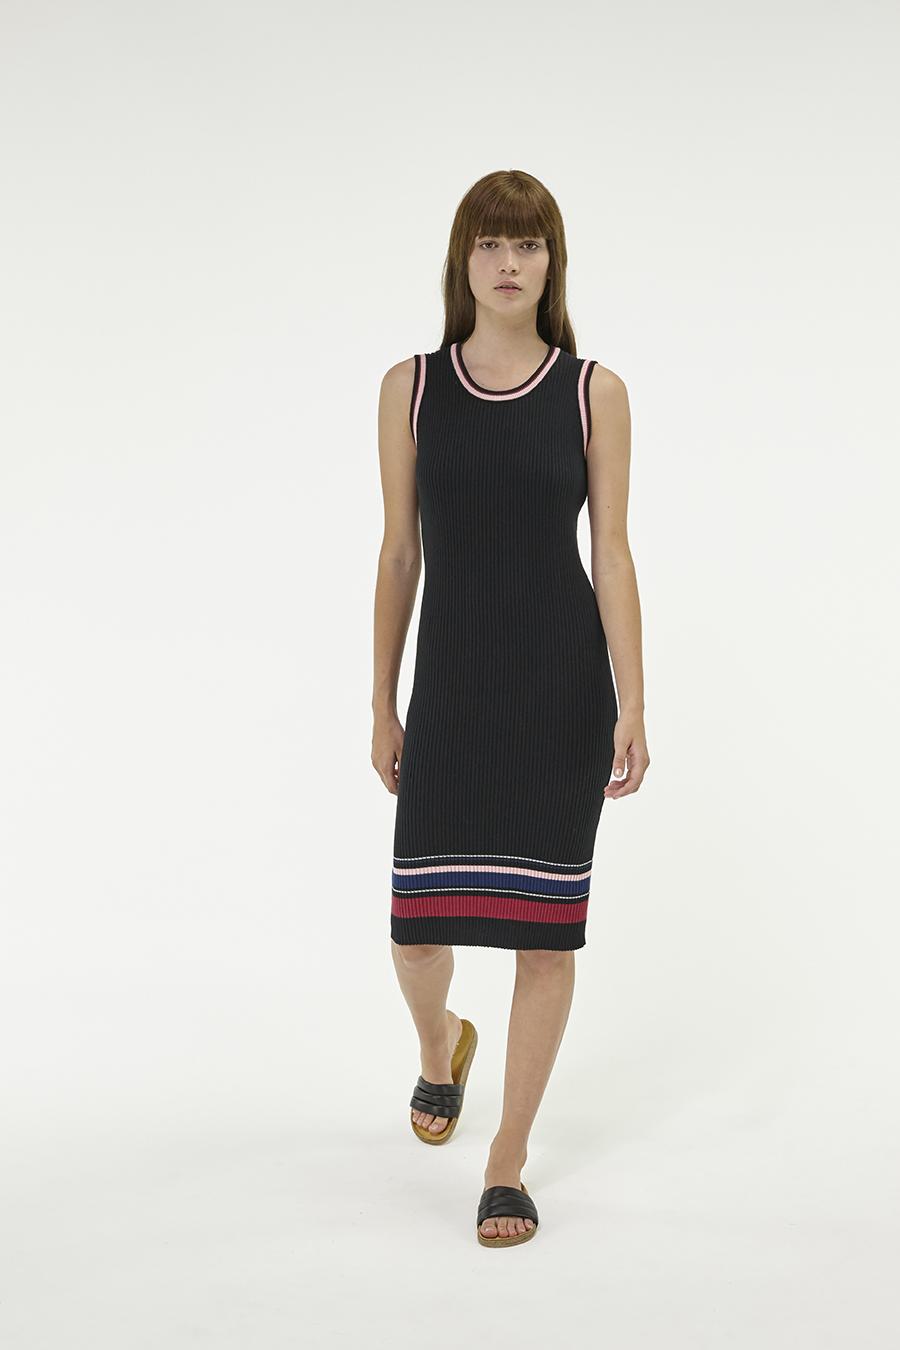 Huffer_Q3-16_W-Rogue-Rib-Dress_Black-04